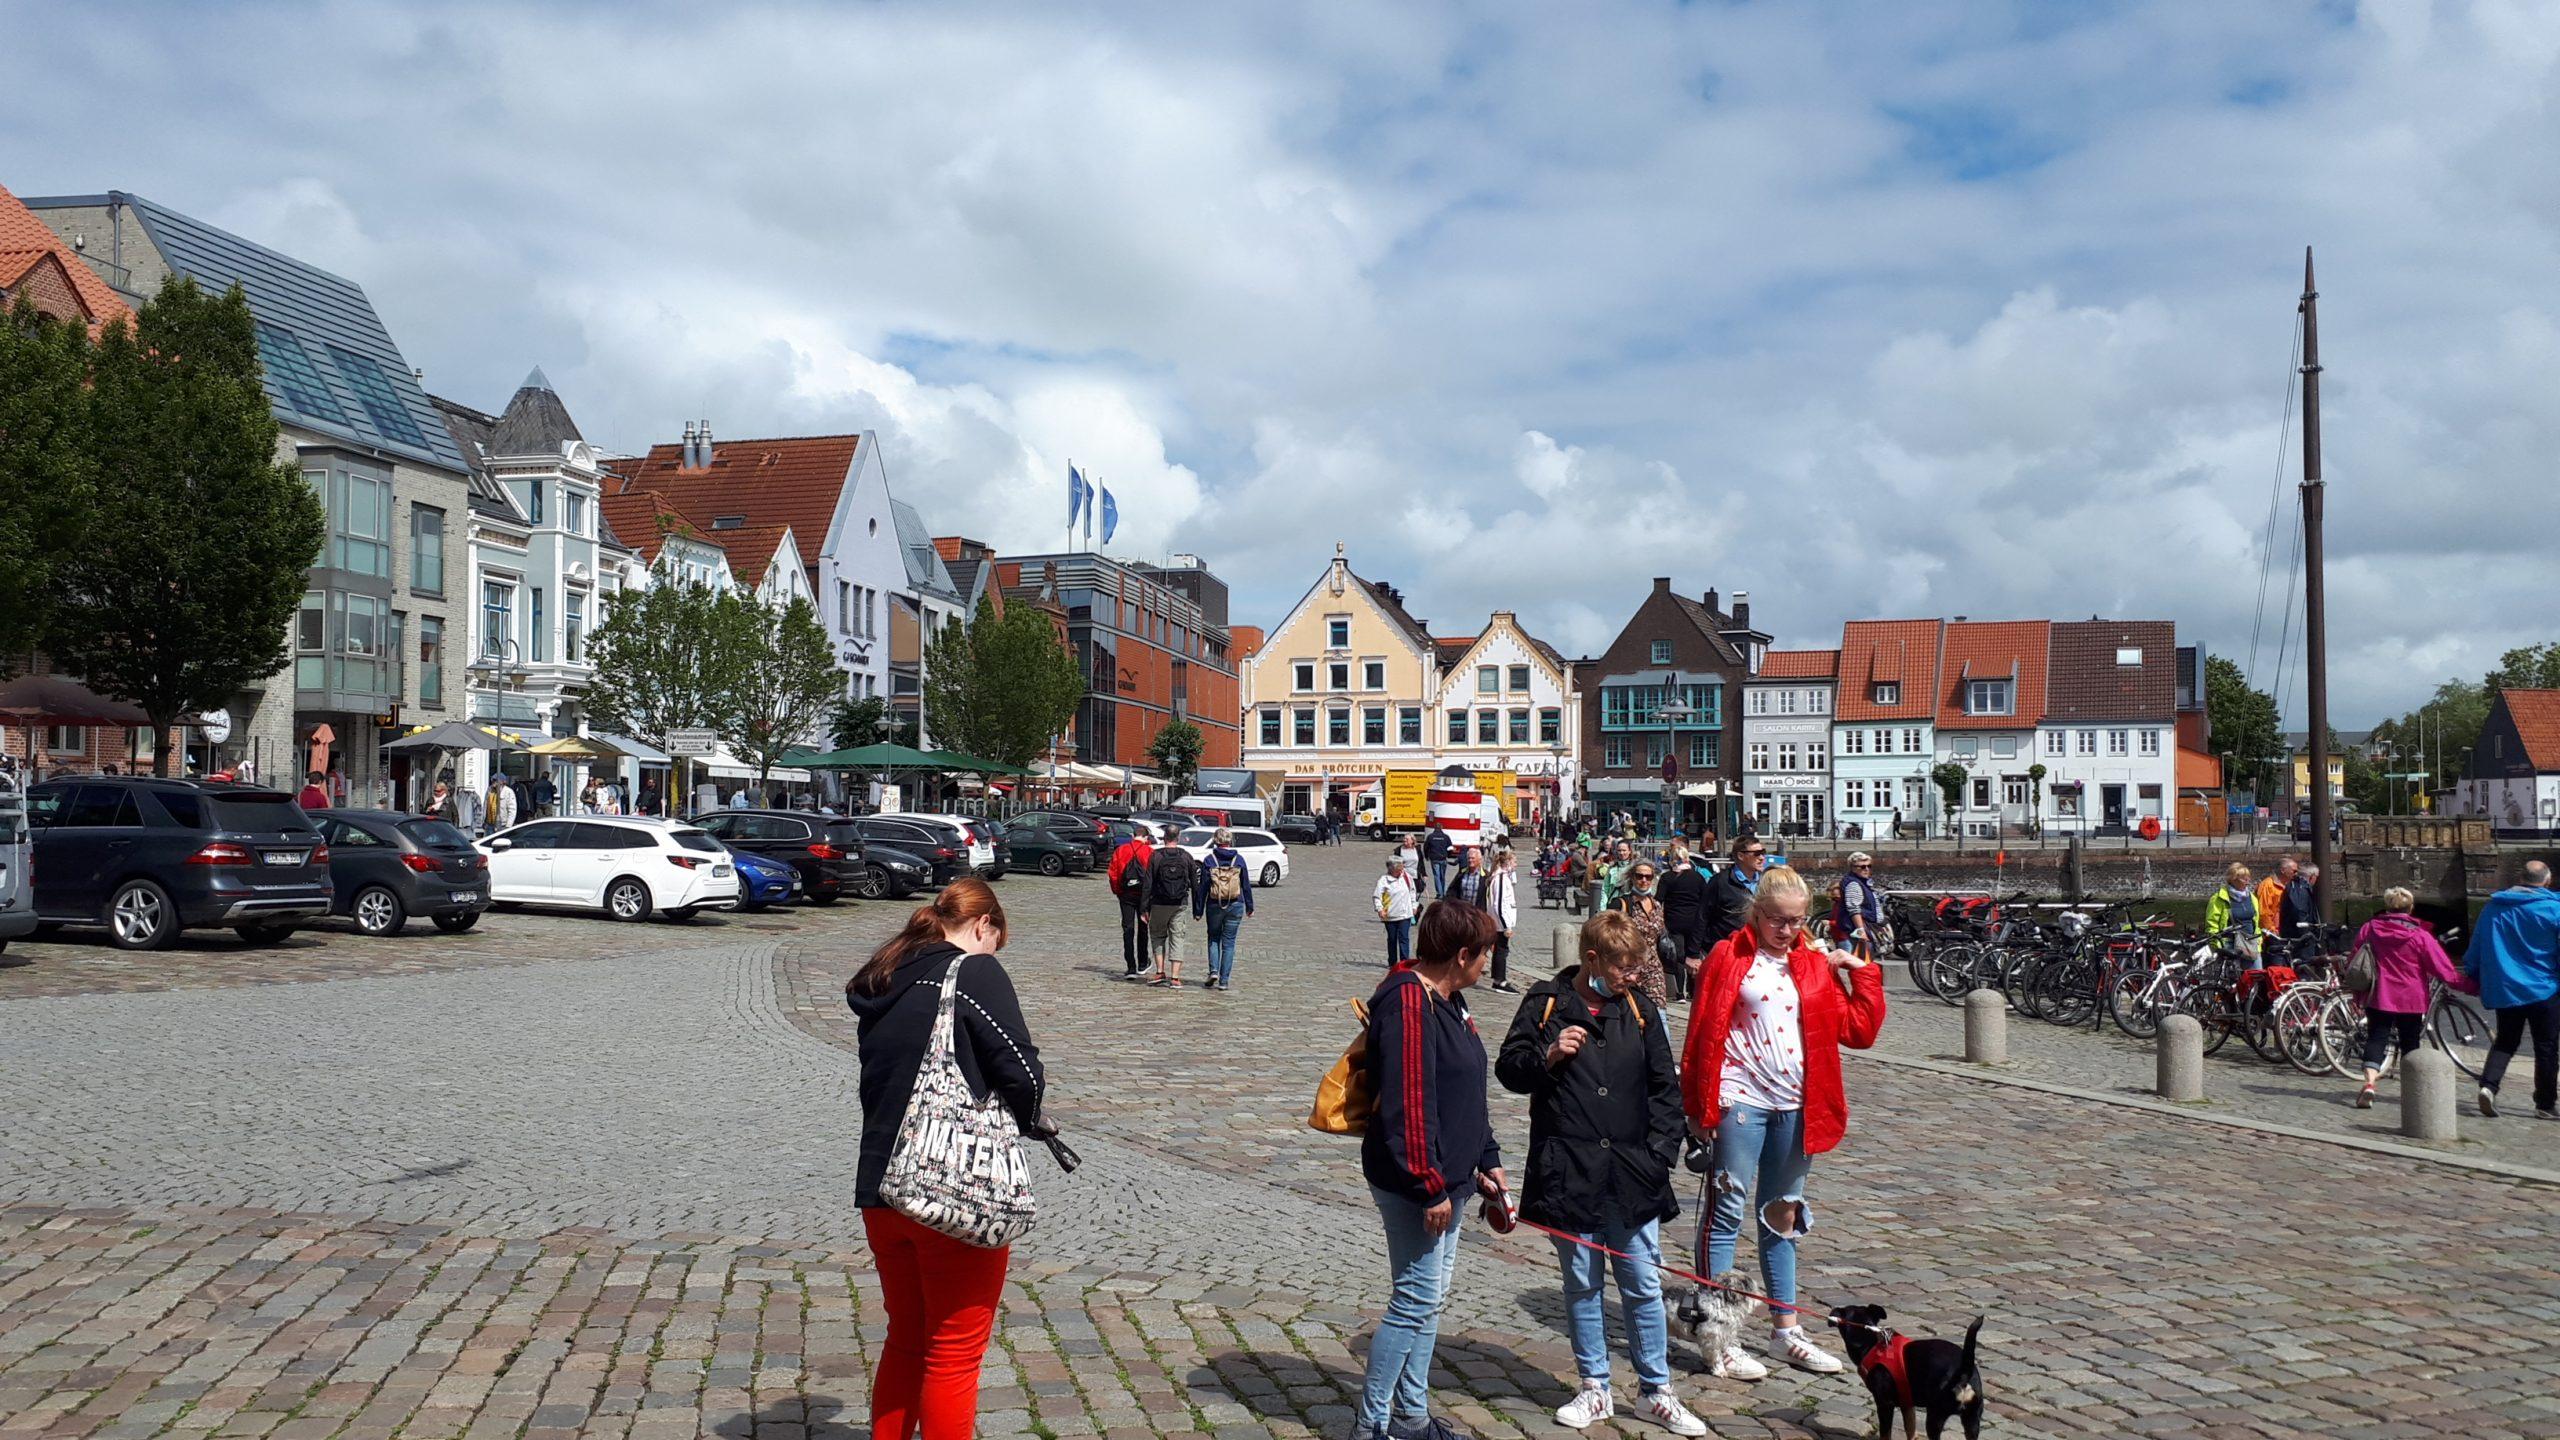 Ferieområder i Tyskland har vundet stort på de komplekse og usikre danske rejsevejledninger, viser ny undersøgelse fra Dansk Erhverv. Her er det nordtyske Husum. Foto: Henrik Baumgarten.